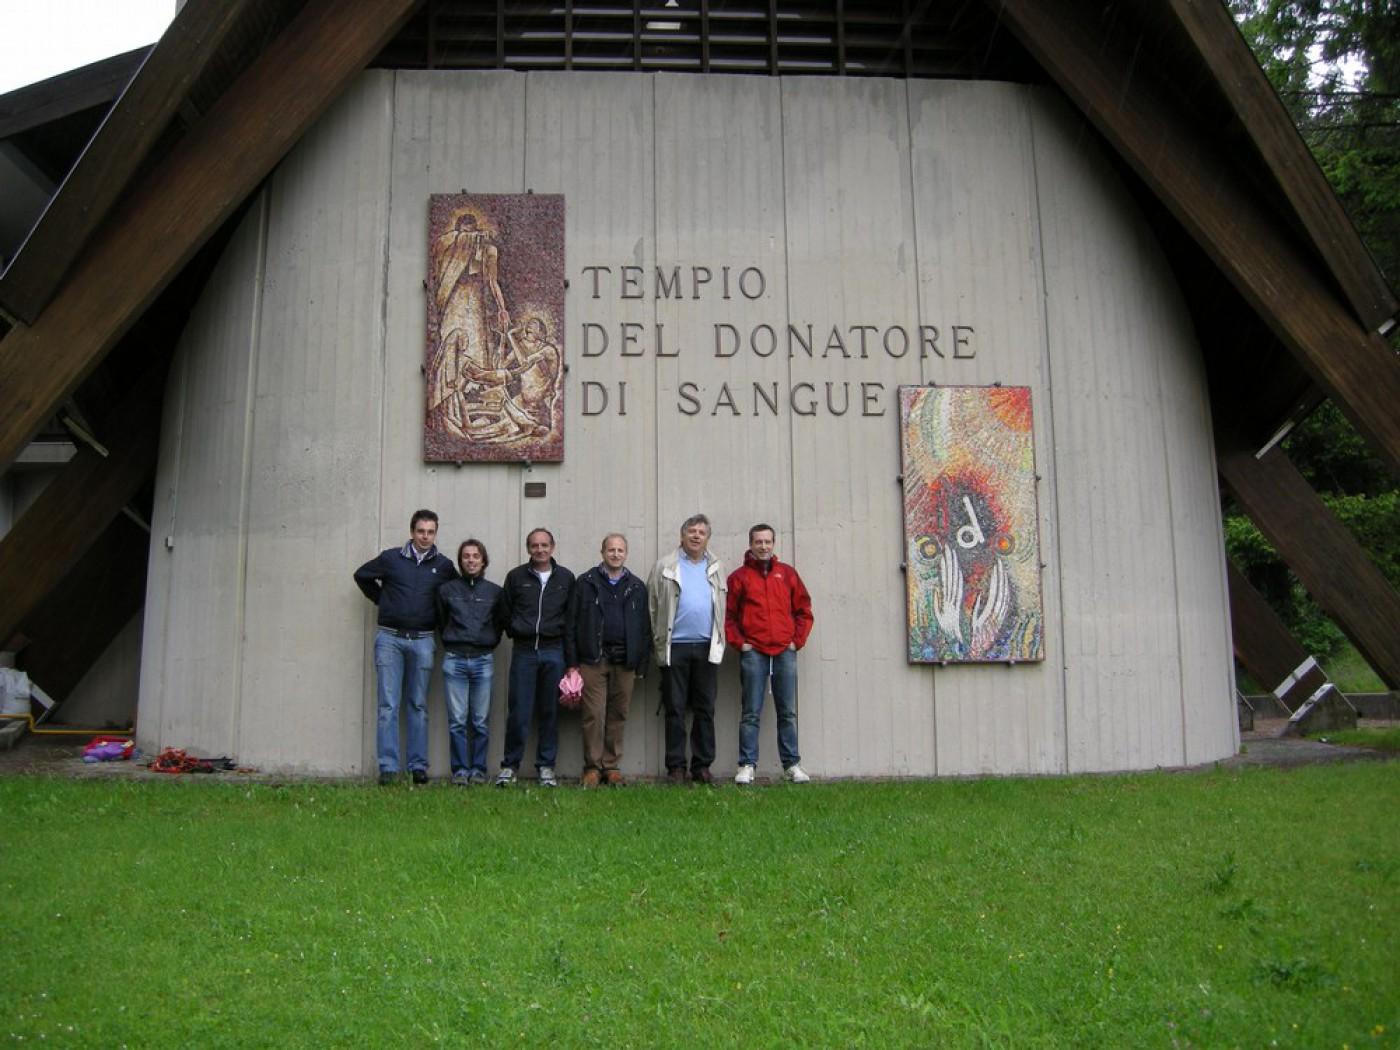 Per Natale aiutiamo il Tempio del Donatore